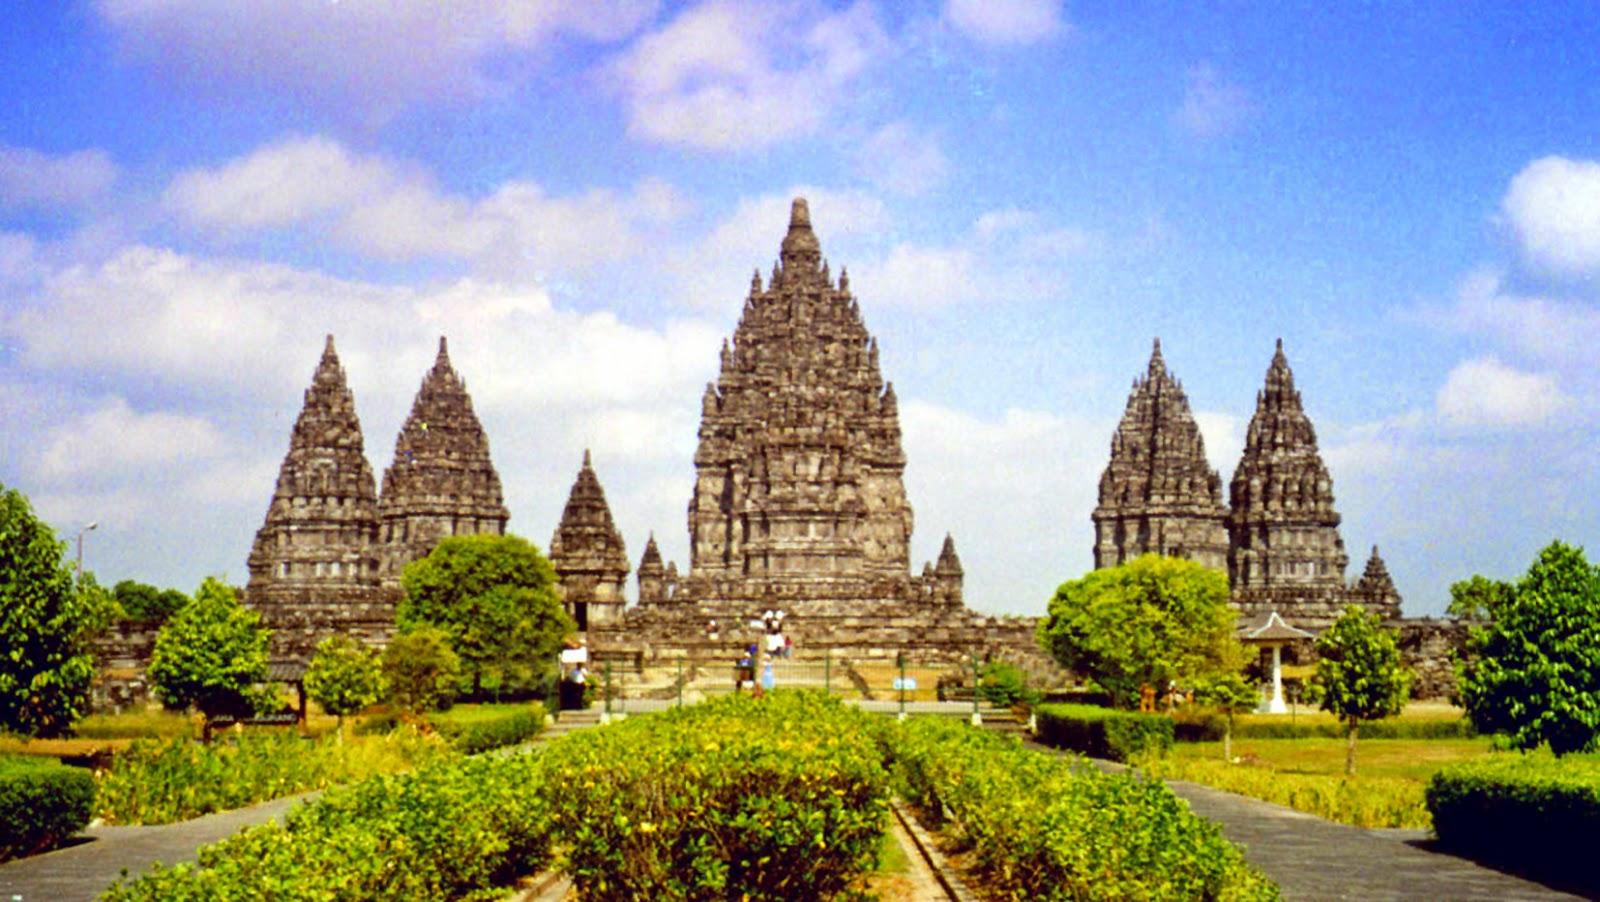 Wisata Prambanan